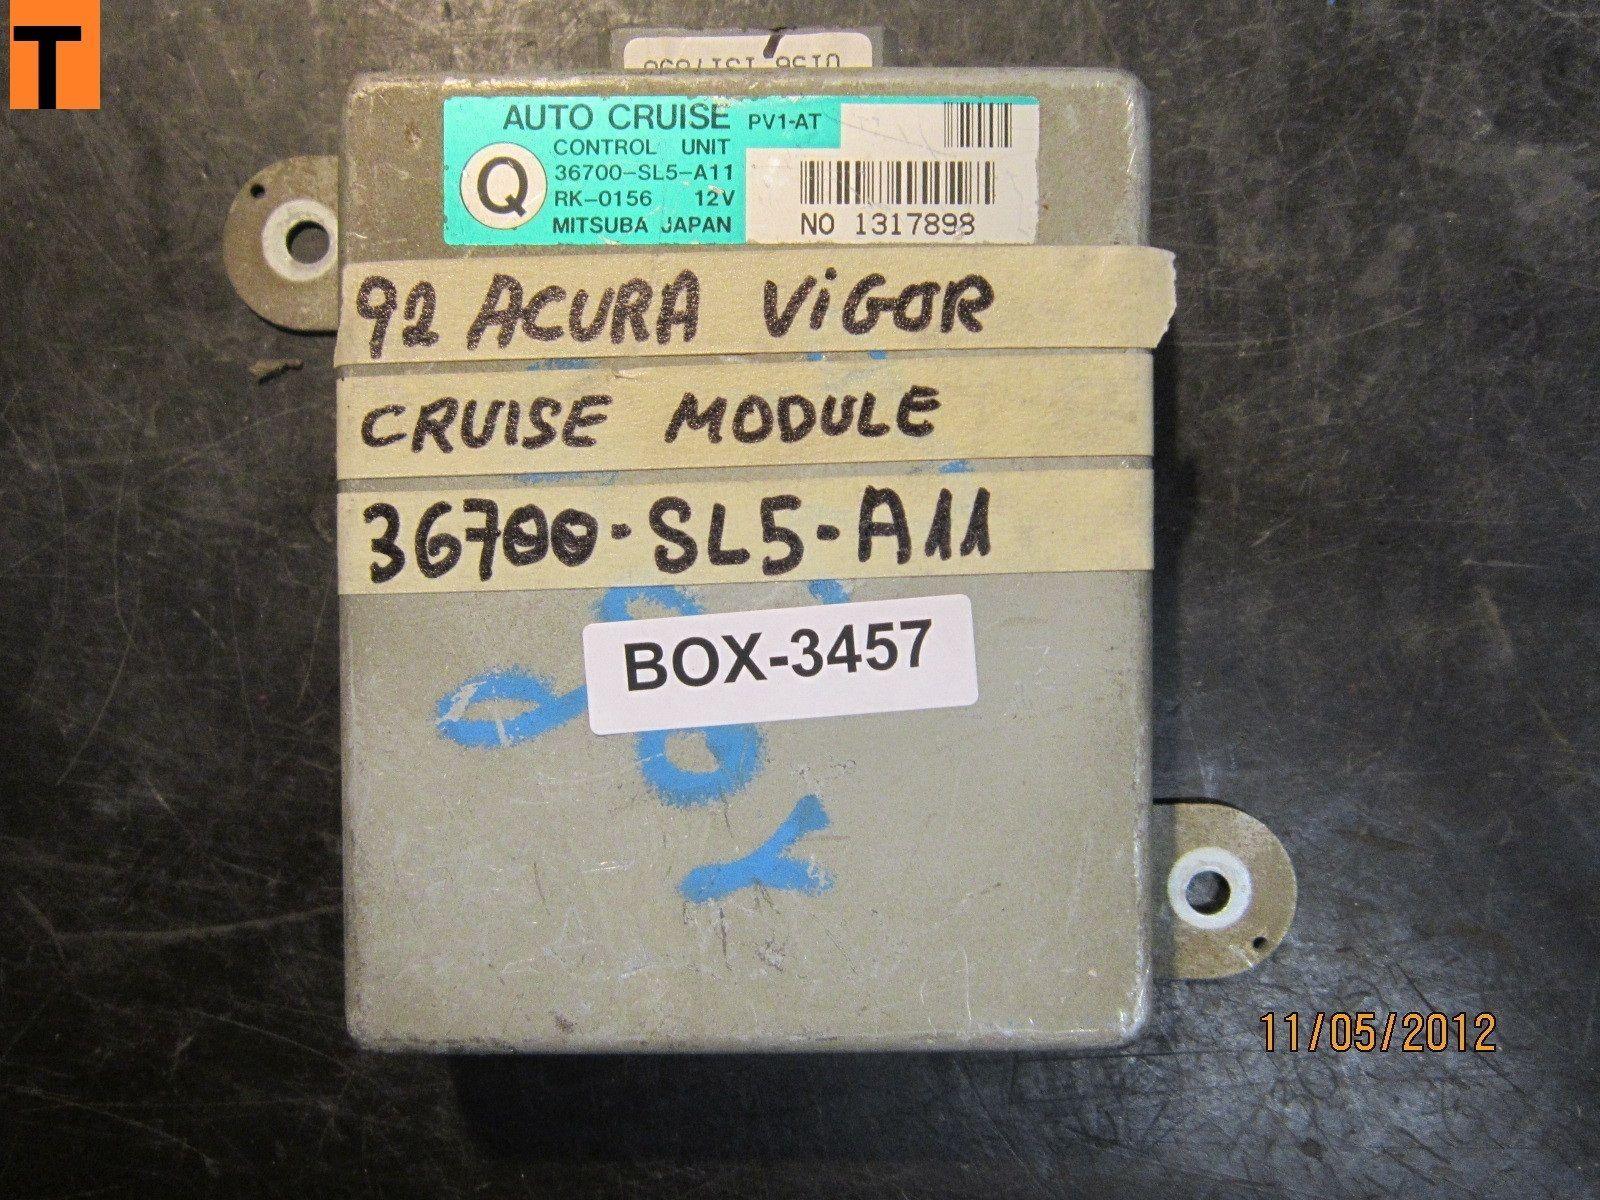 96 97 98 99 RL NON TRACTION CONTROL ABS ANTI-LOCK BRAKE MODULE COMPUTER ECU ECM